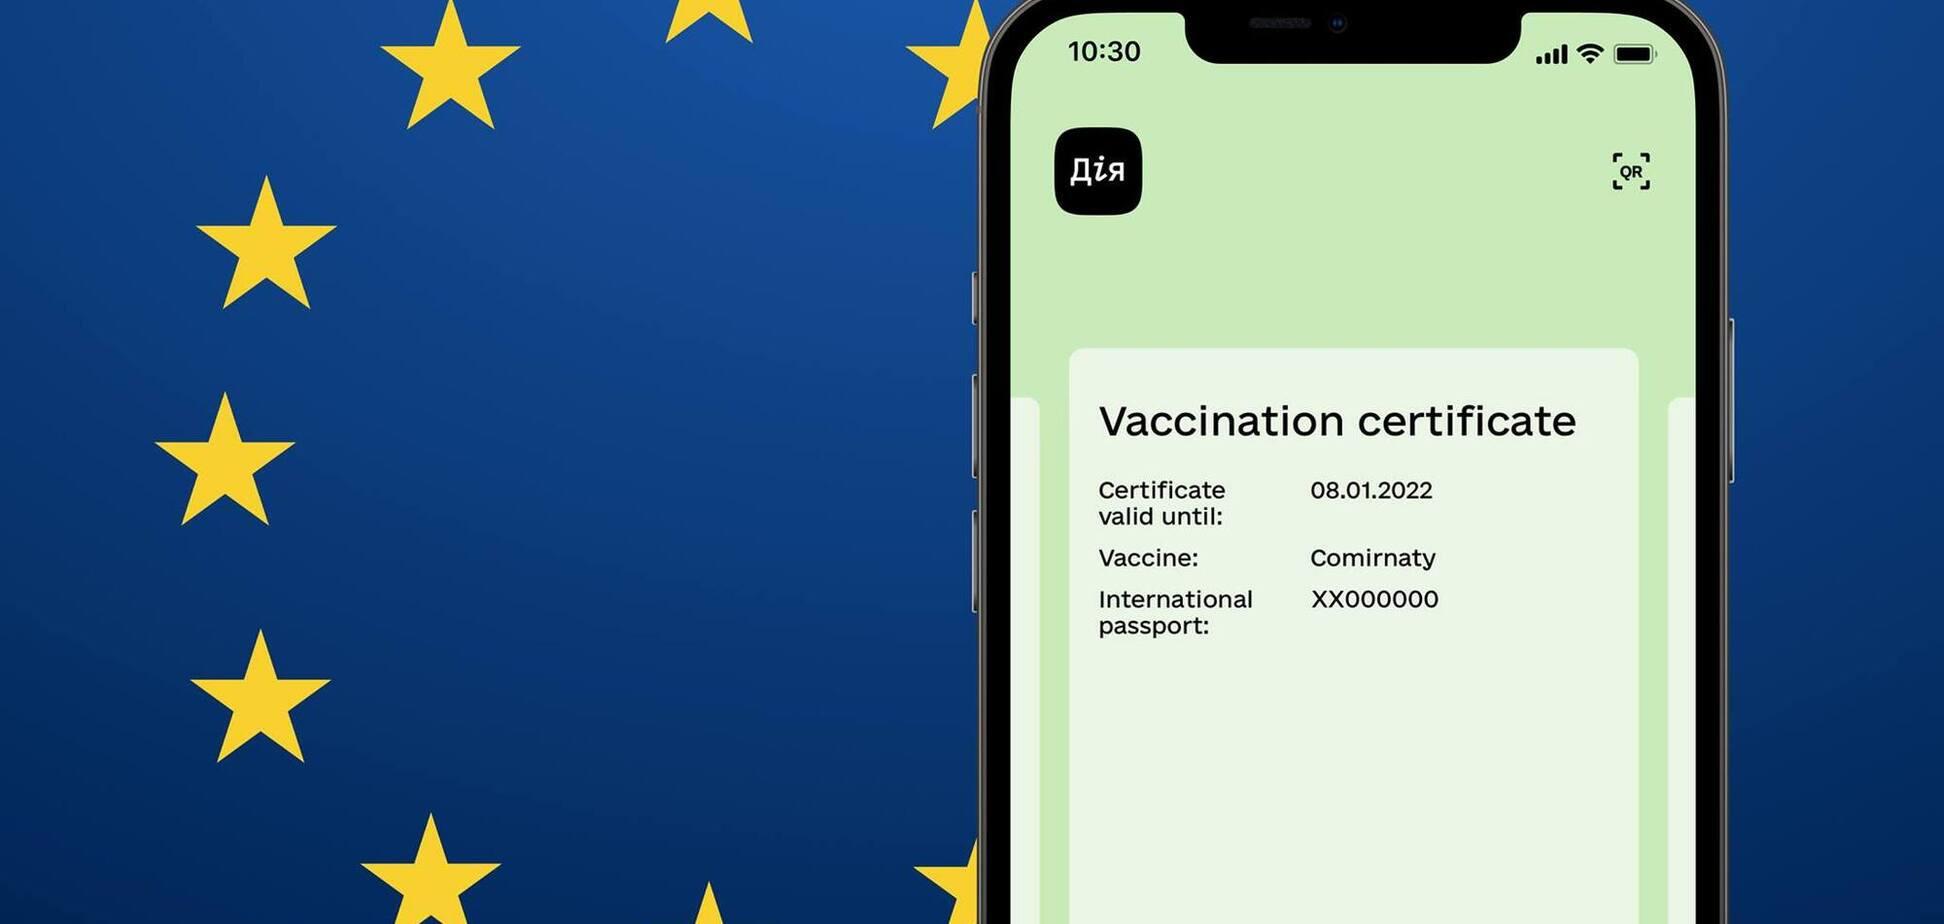 Українські COVID-сертифікати в Дії успішно пройшли оцінювання з боку ЄС: що це означає